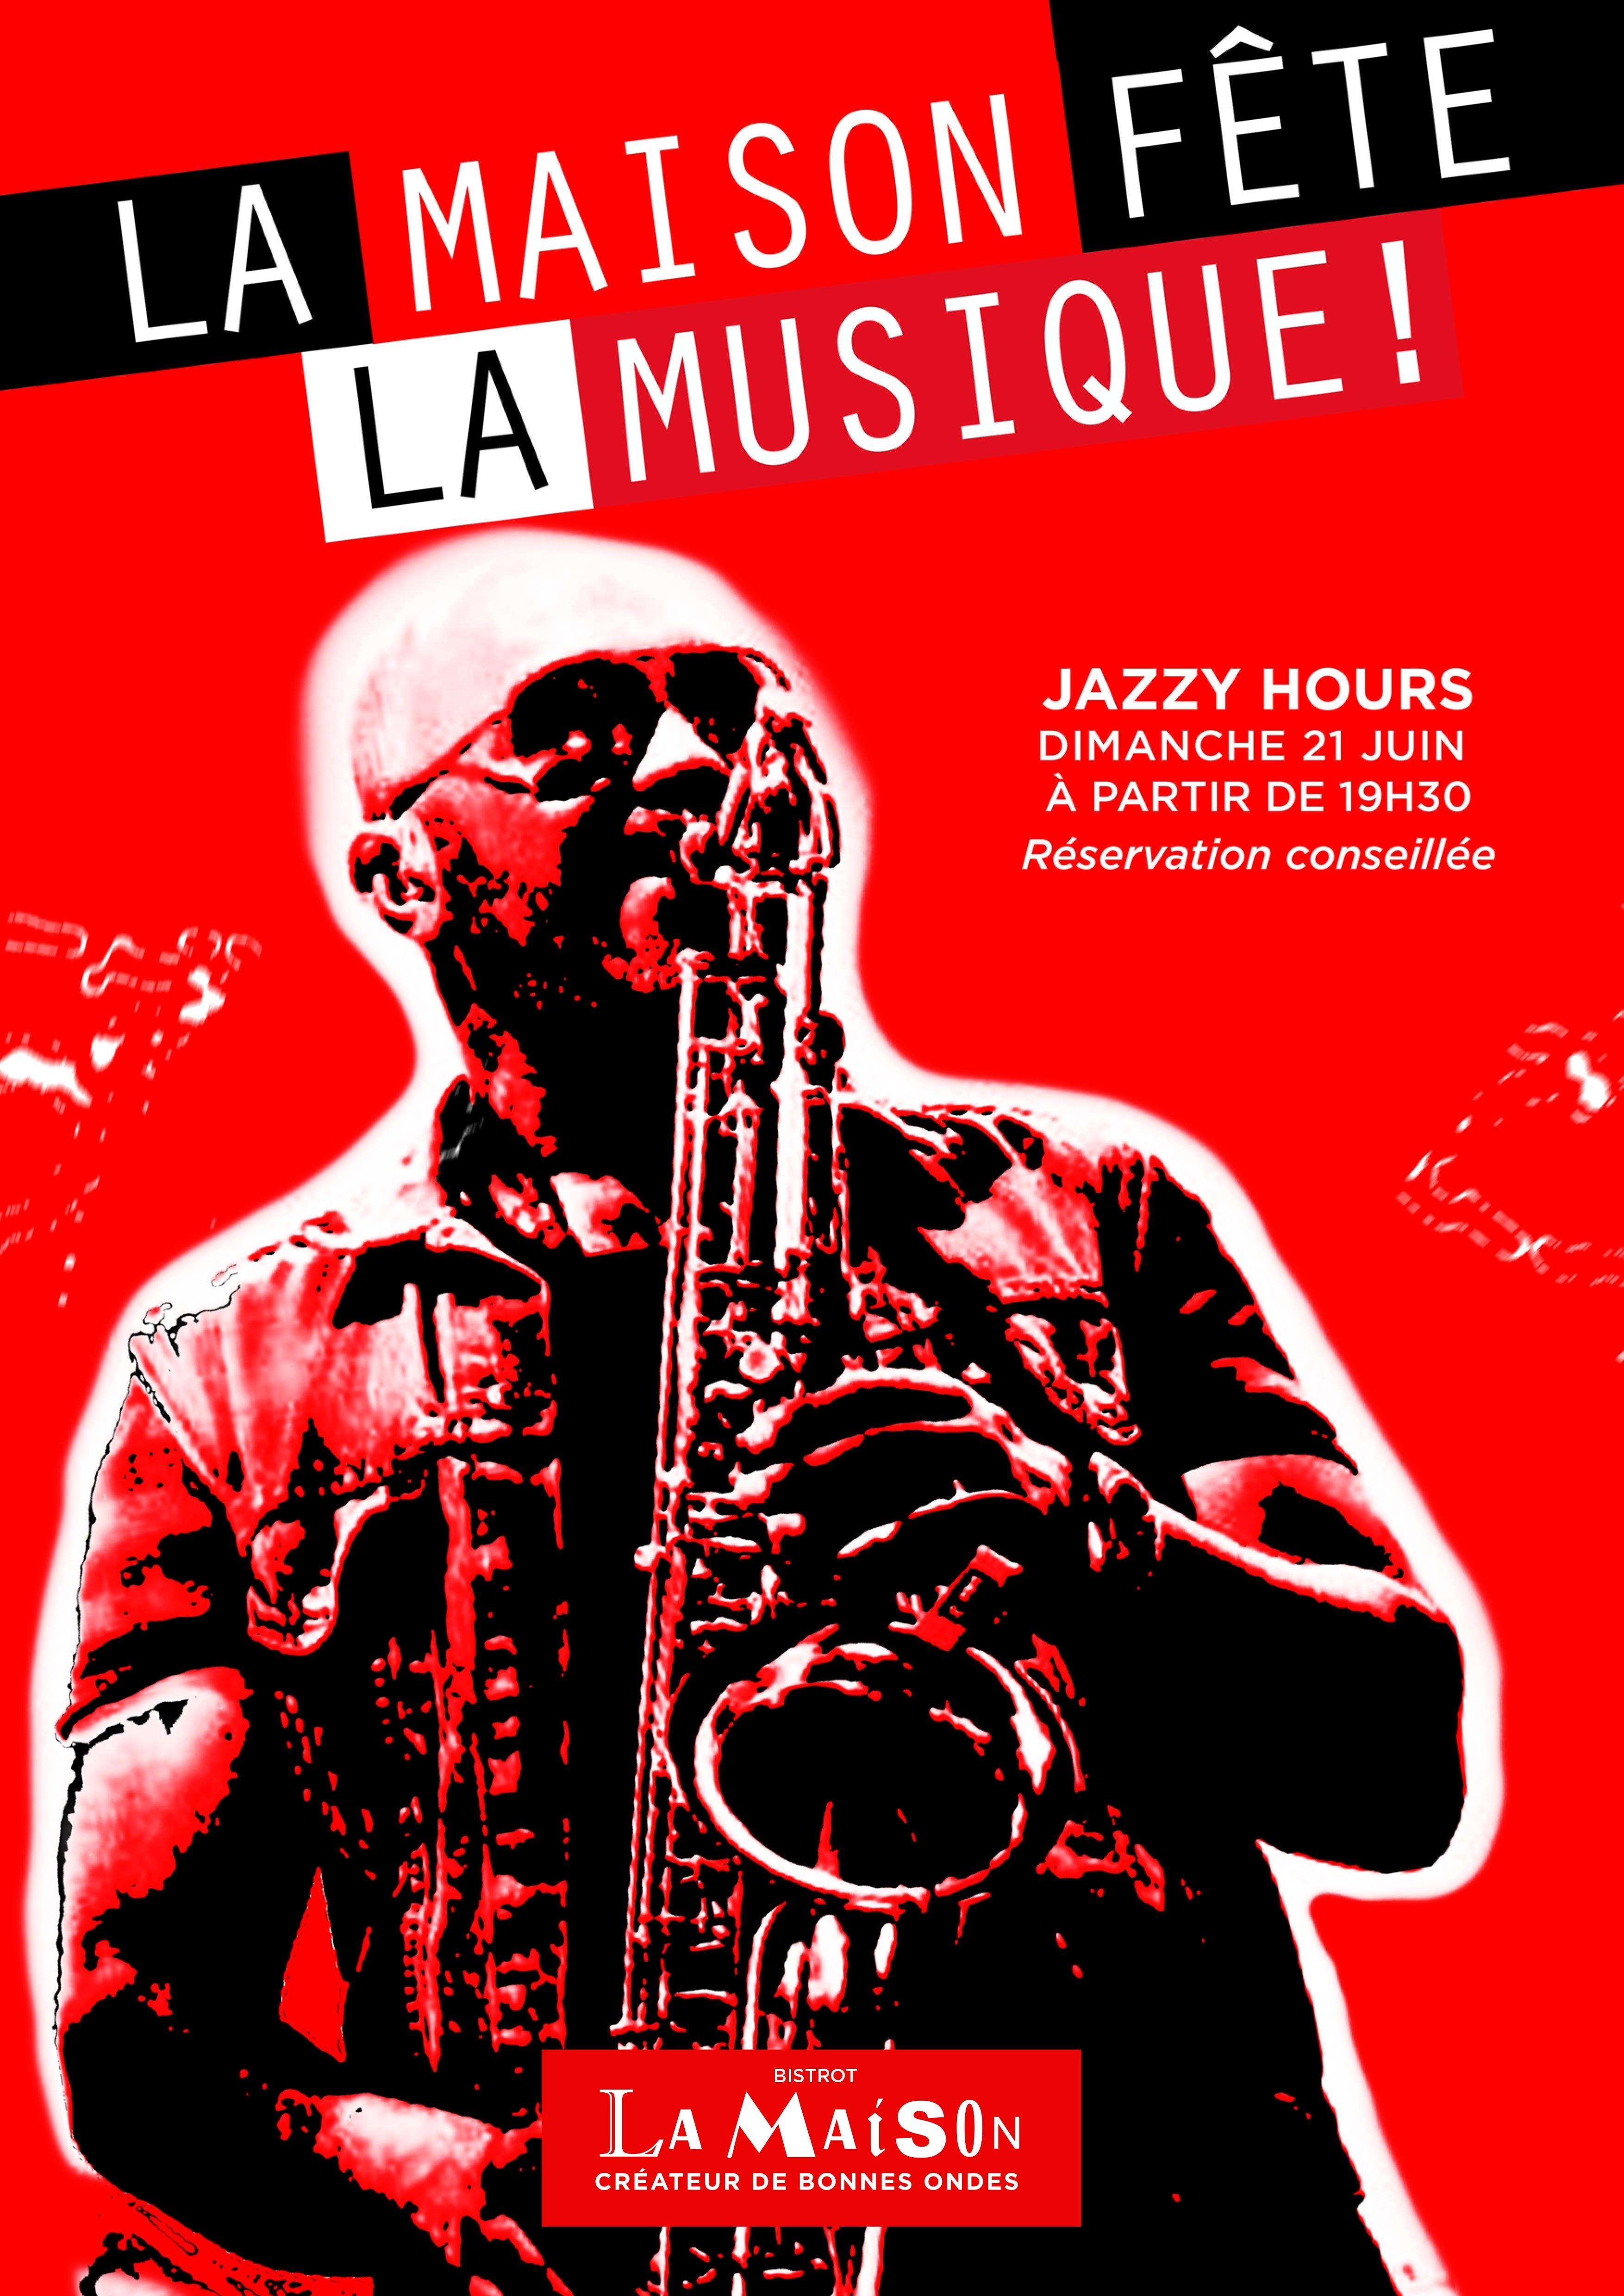 Place des Victoires Communication - Bistrot La Maison - PLV Affiche jazz